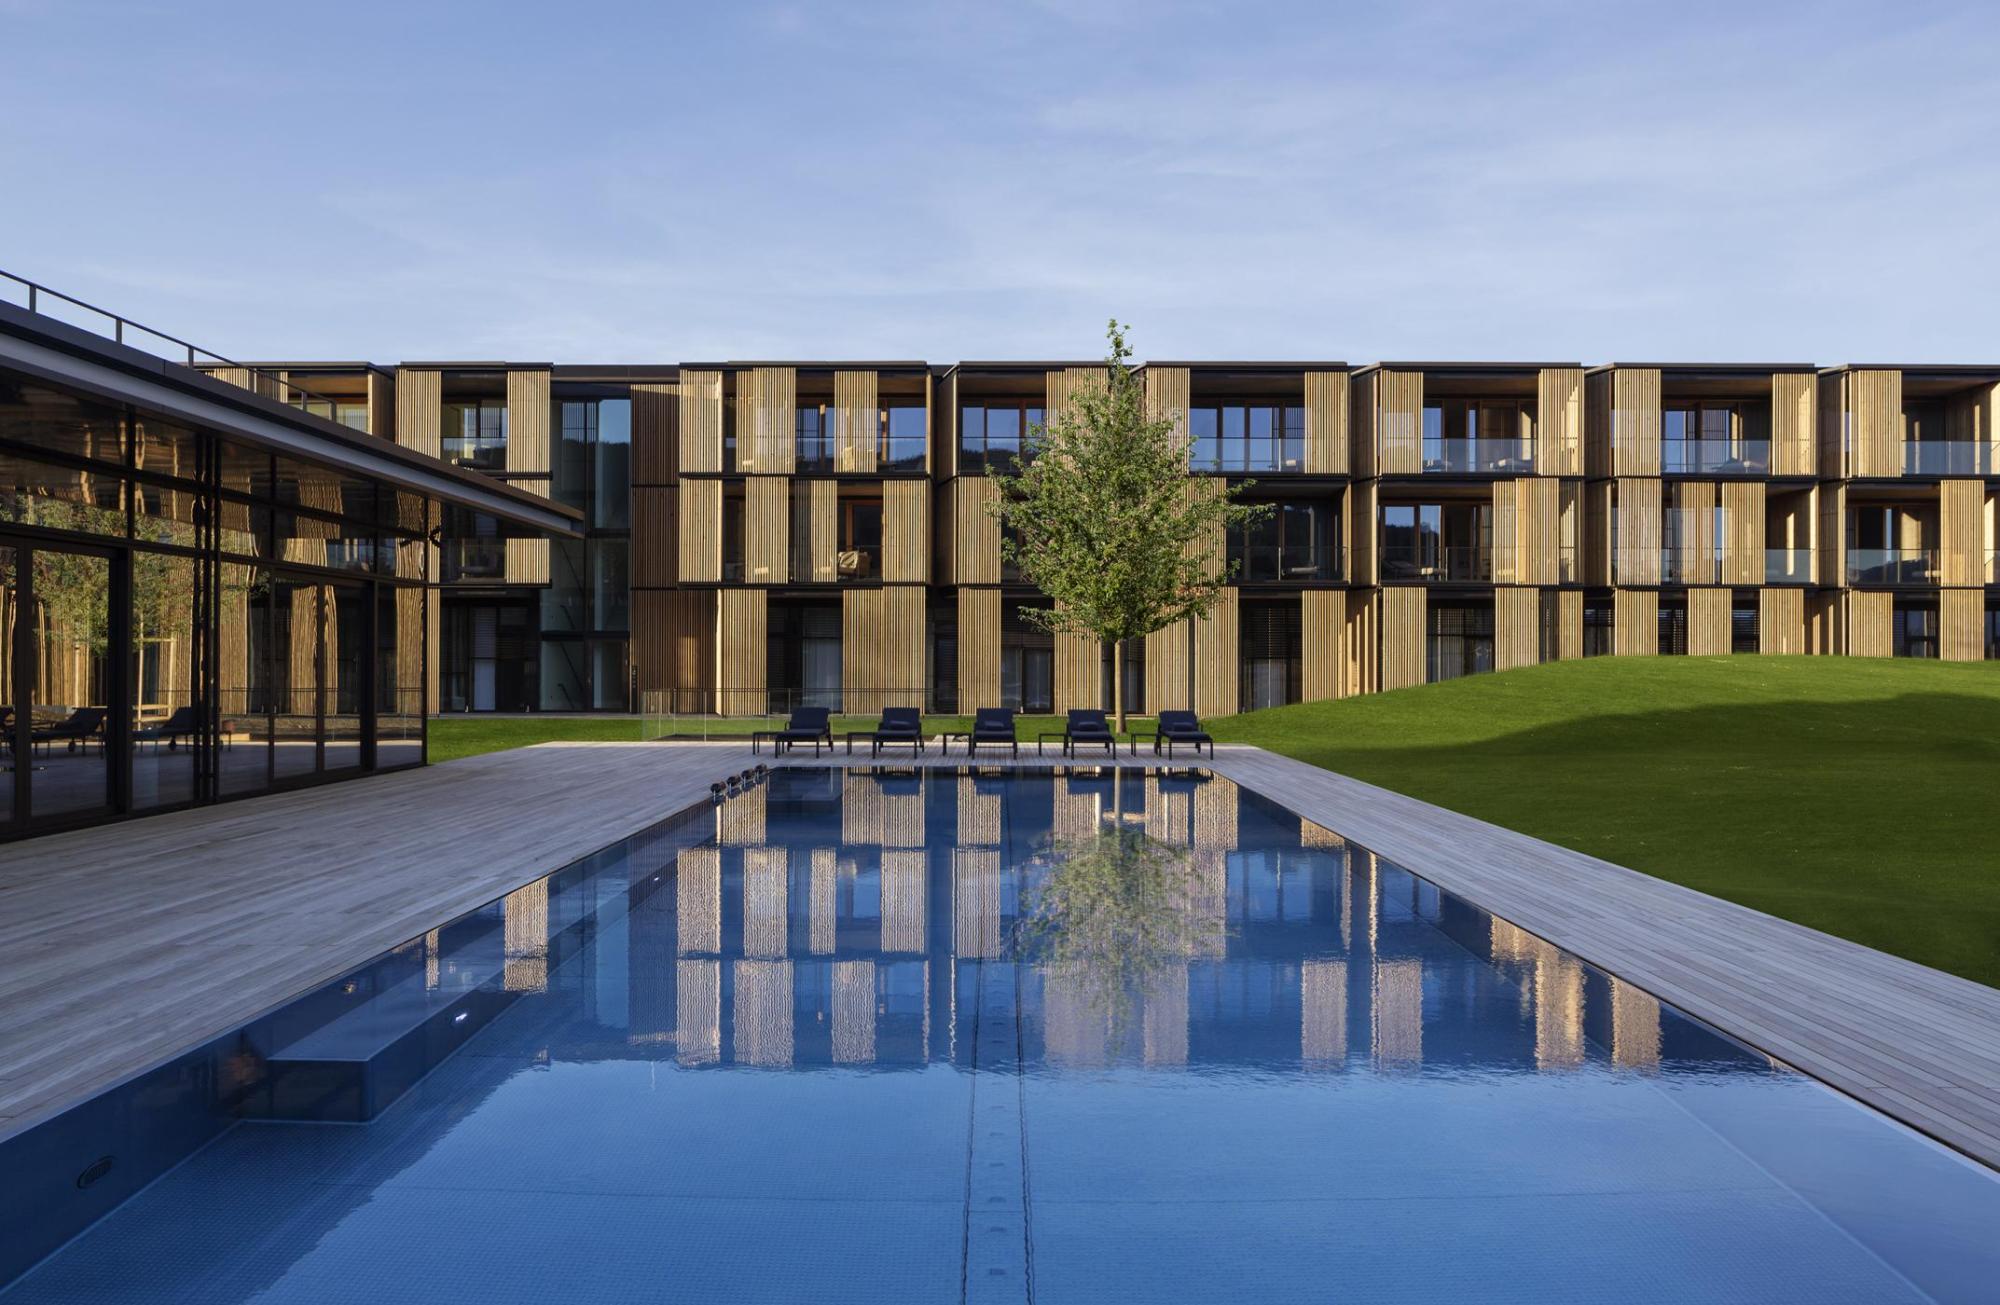 ingenhoven architects / Foto: H.G. Esch, Hennef